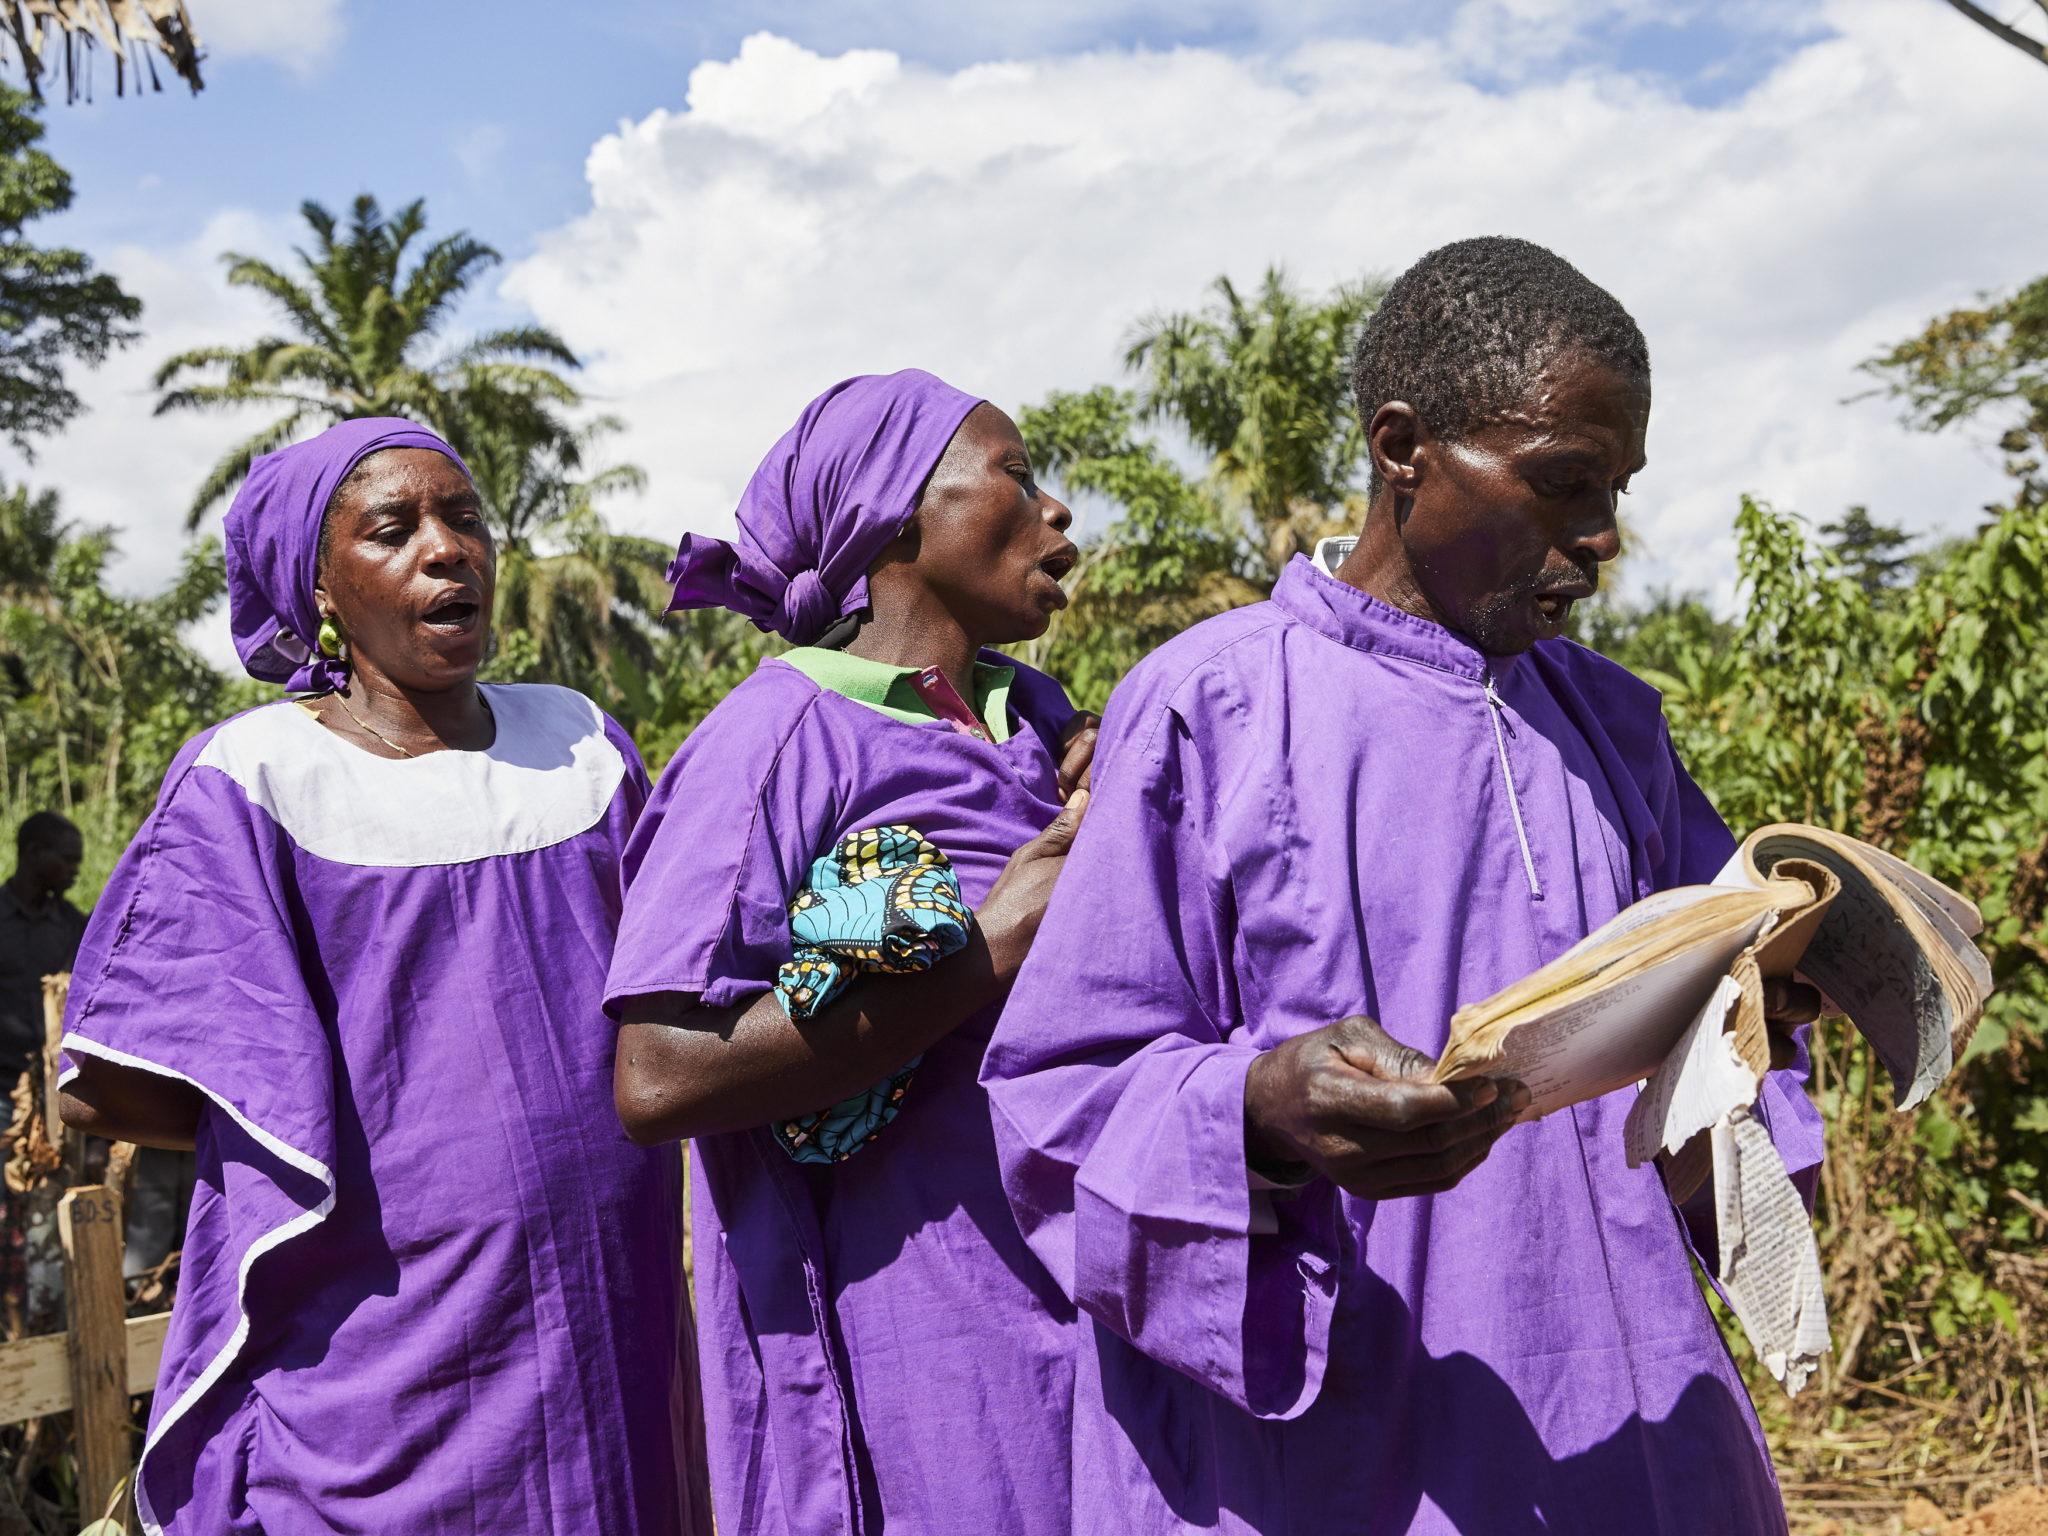 Pogrzeb zmarłego z powodu wirusa ebola w wiosce Mutwanga, Demokratyczna Republika Konga, fot. HUGH KINSELLA CUNNINGHAM, PAP/EPA